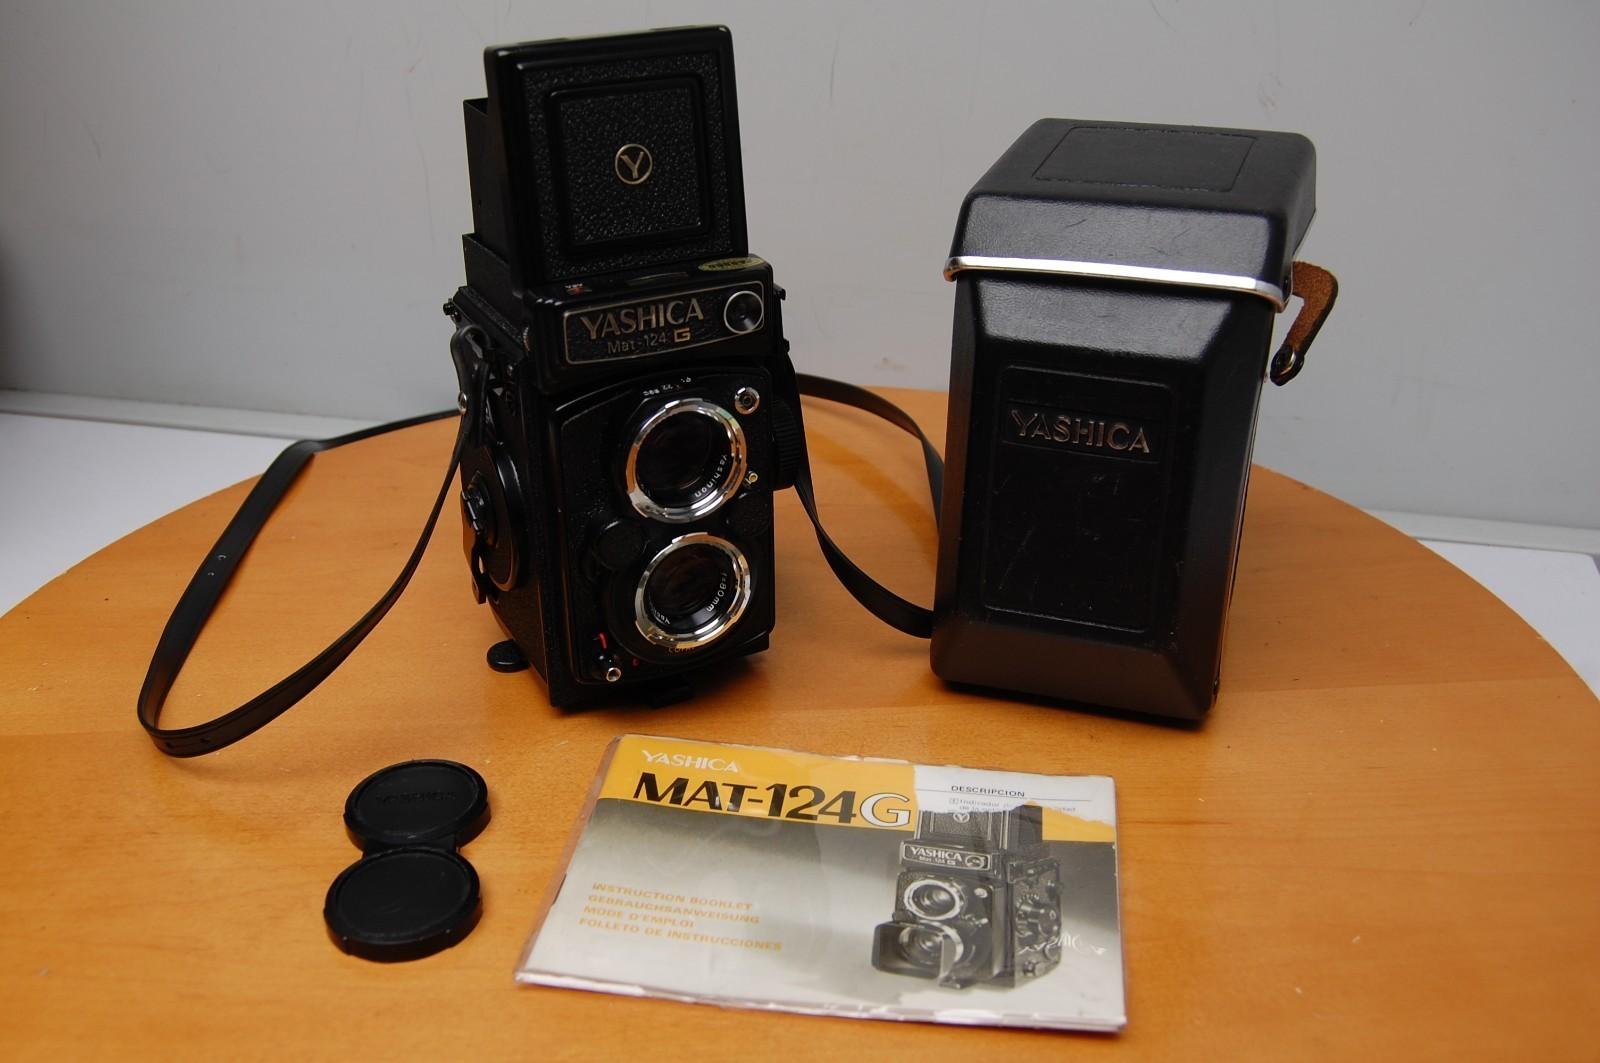 Processed By eBay with ImageMagick, R1.1.1.||B2||T0JKX0lEPTRmNjc4MmQ3YTY1YTAzMWIwNGY2Y2MyNjZiNTJjMjA1MWQwZTYyOGNmZGE4fHxTRUxMRVJfTkFNRT13ZXNvMDExOXx8T1JJR0lOQUxfRUJBWV9RVUFMSVRZX1NDT1JFPTR8fENSRUFUSU9OX0RBVEU9Ni8zMC8xMyA4OjAyIFBN